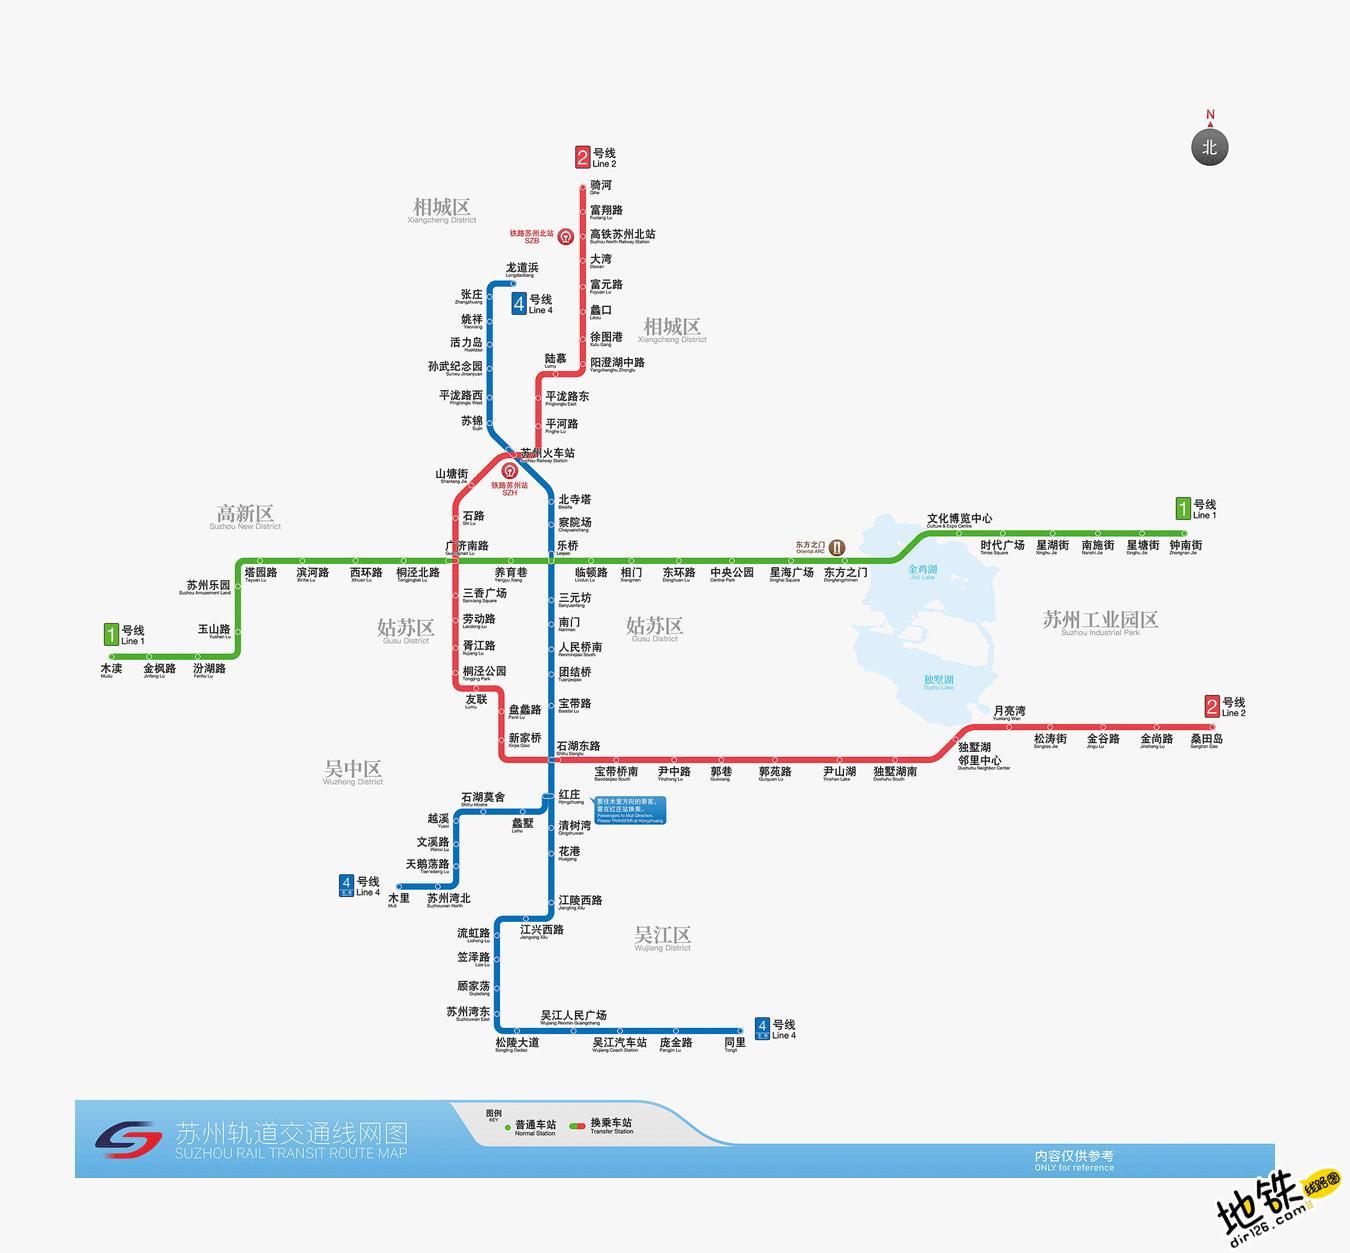 苏州地铁线路图 运营时间票价站点 查询下载 苏州地铁查询 苏州地铁线路图 苏州地铁票价 苏州地铁运营时间 苏州地铁 苏州地铁线路图  第2张